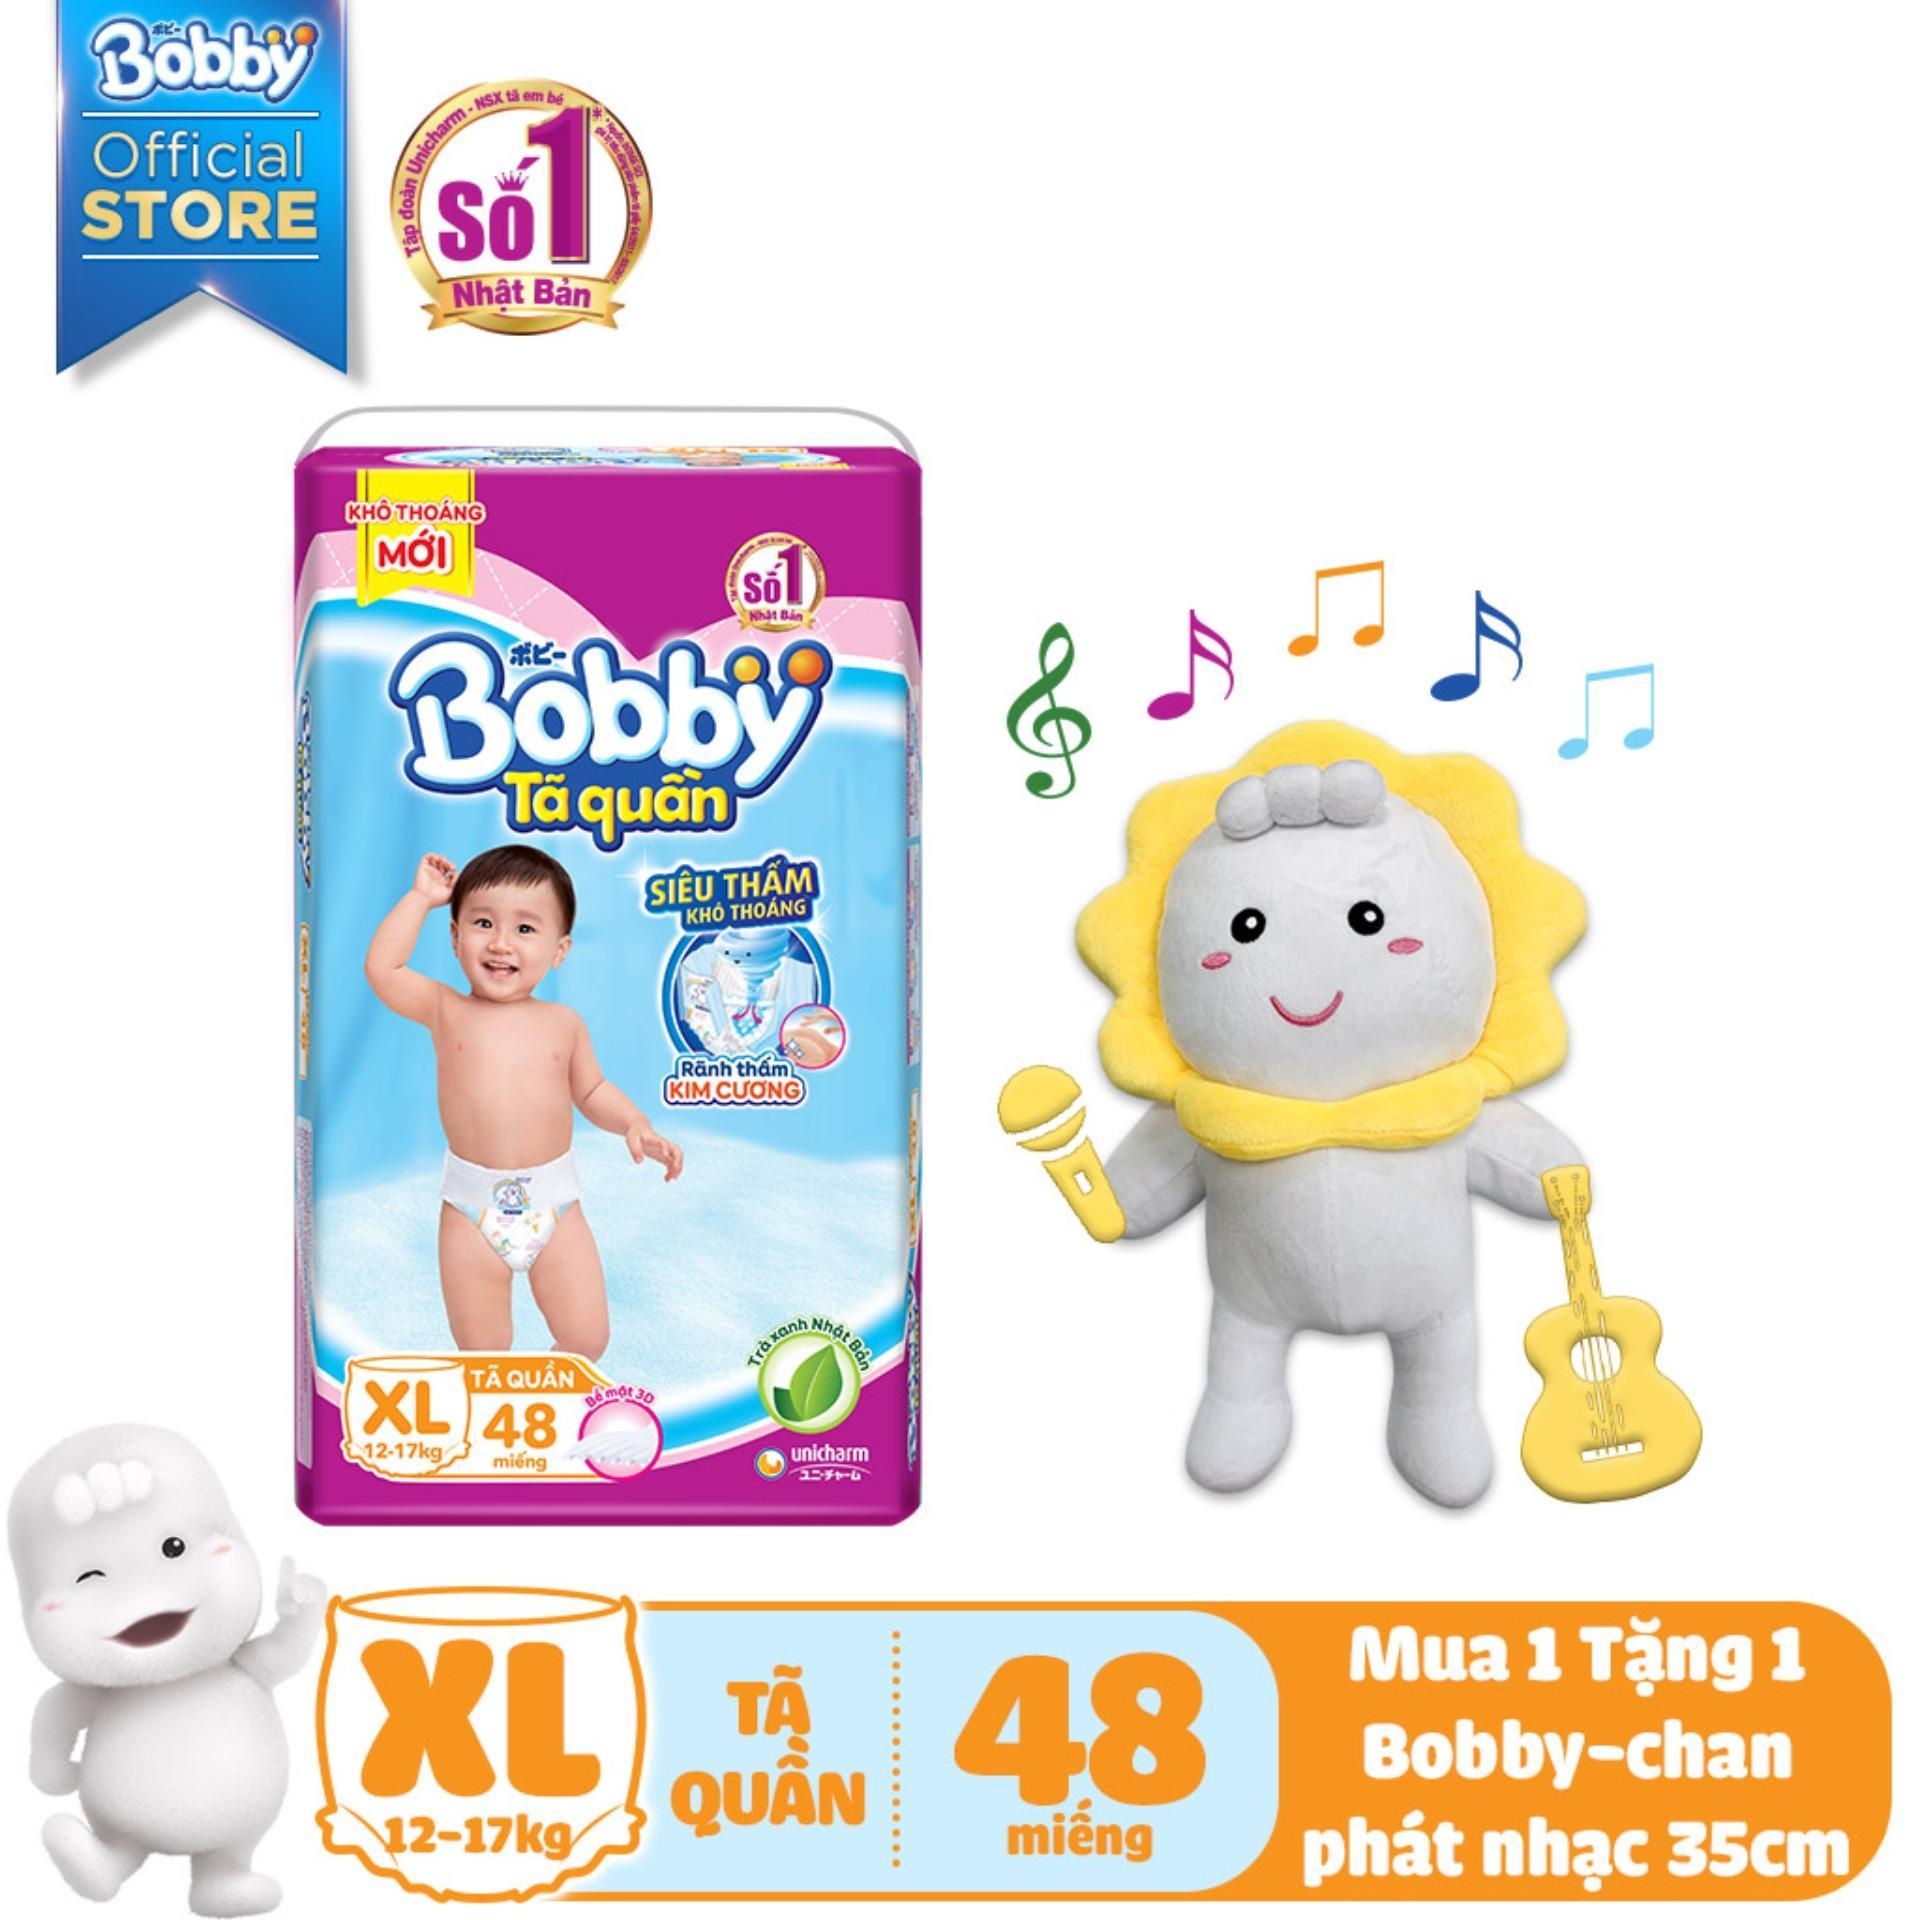 [KÈM QUÀ] Tã/Bỉm quần Bobby (hương trà xanh) gói siêu lớn XL-48 miếng (12 - 17kg) - Tặng Bobby-chan biết hát 35cm Nhật Bản